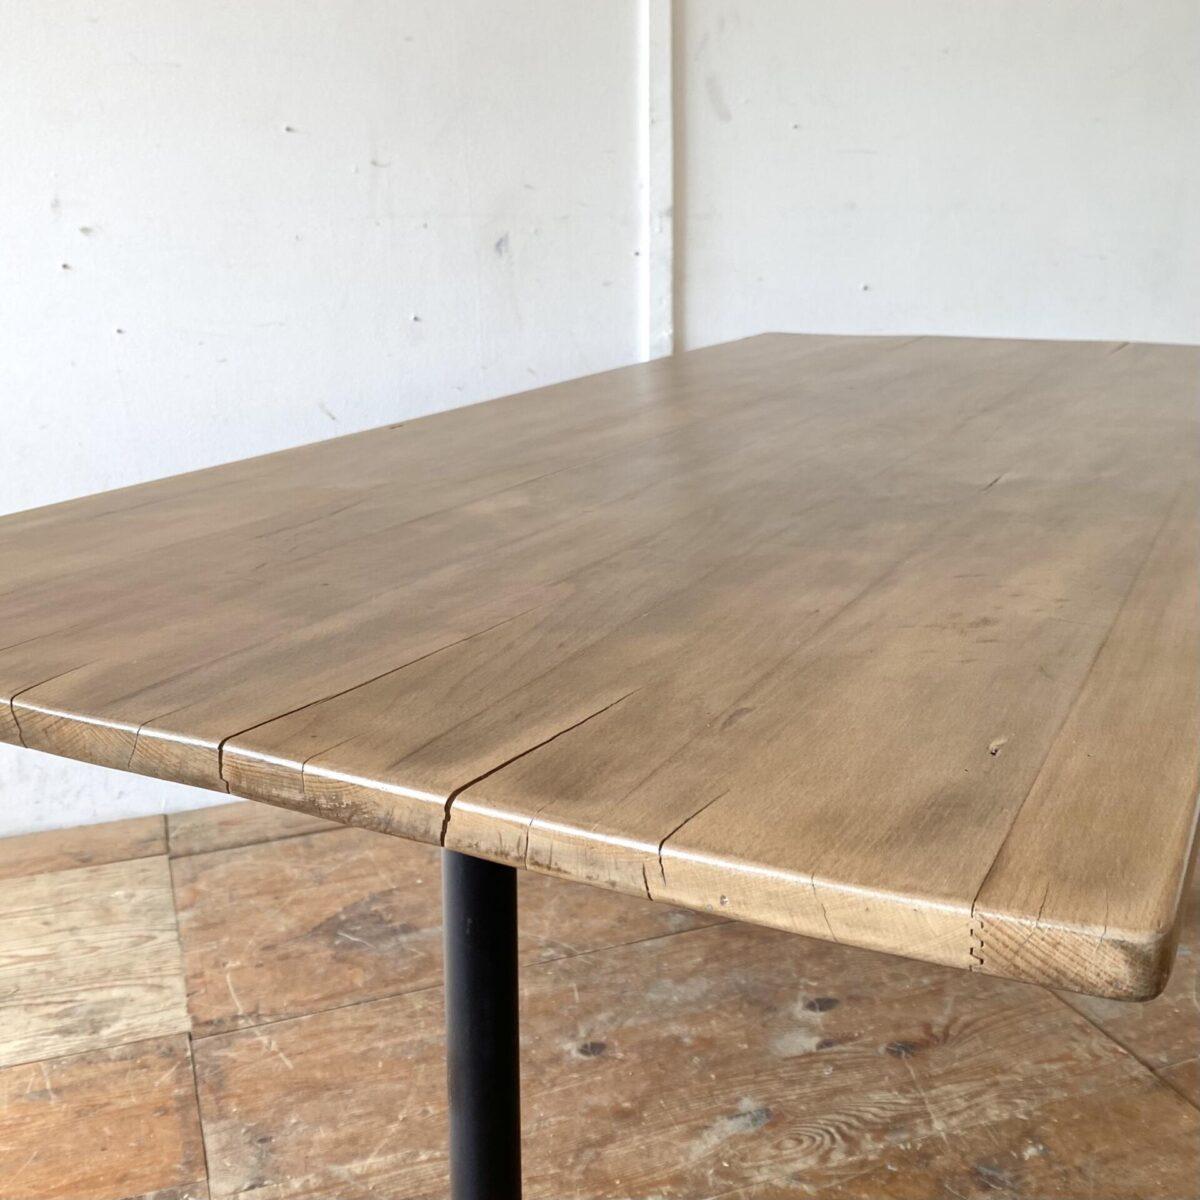 Deuxieme.shop Alter Holztisch Esstisch. Alter Beizentisch mit Stahlrohr Füssen. 170x75cm Höhe 75.5cm. Das Tischblatt ist aus Buche Vollholz, Stirnseitig etwas eingerissen, die quer Unterzüge sind eingekehlt. An dem Tisch finden angenehm 8 Personen Platz. Es können nach Wunsch auch Gussfüsse an den Tisch montiert werden.